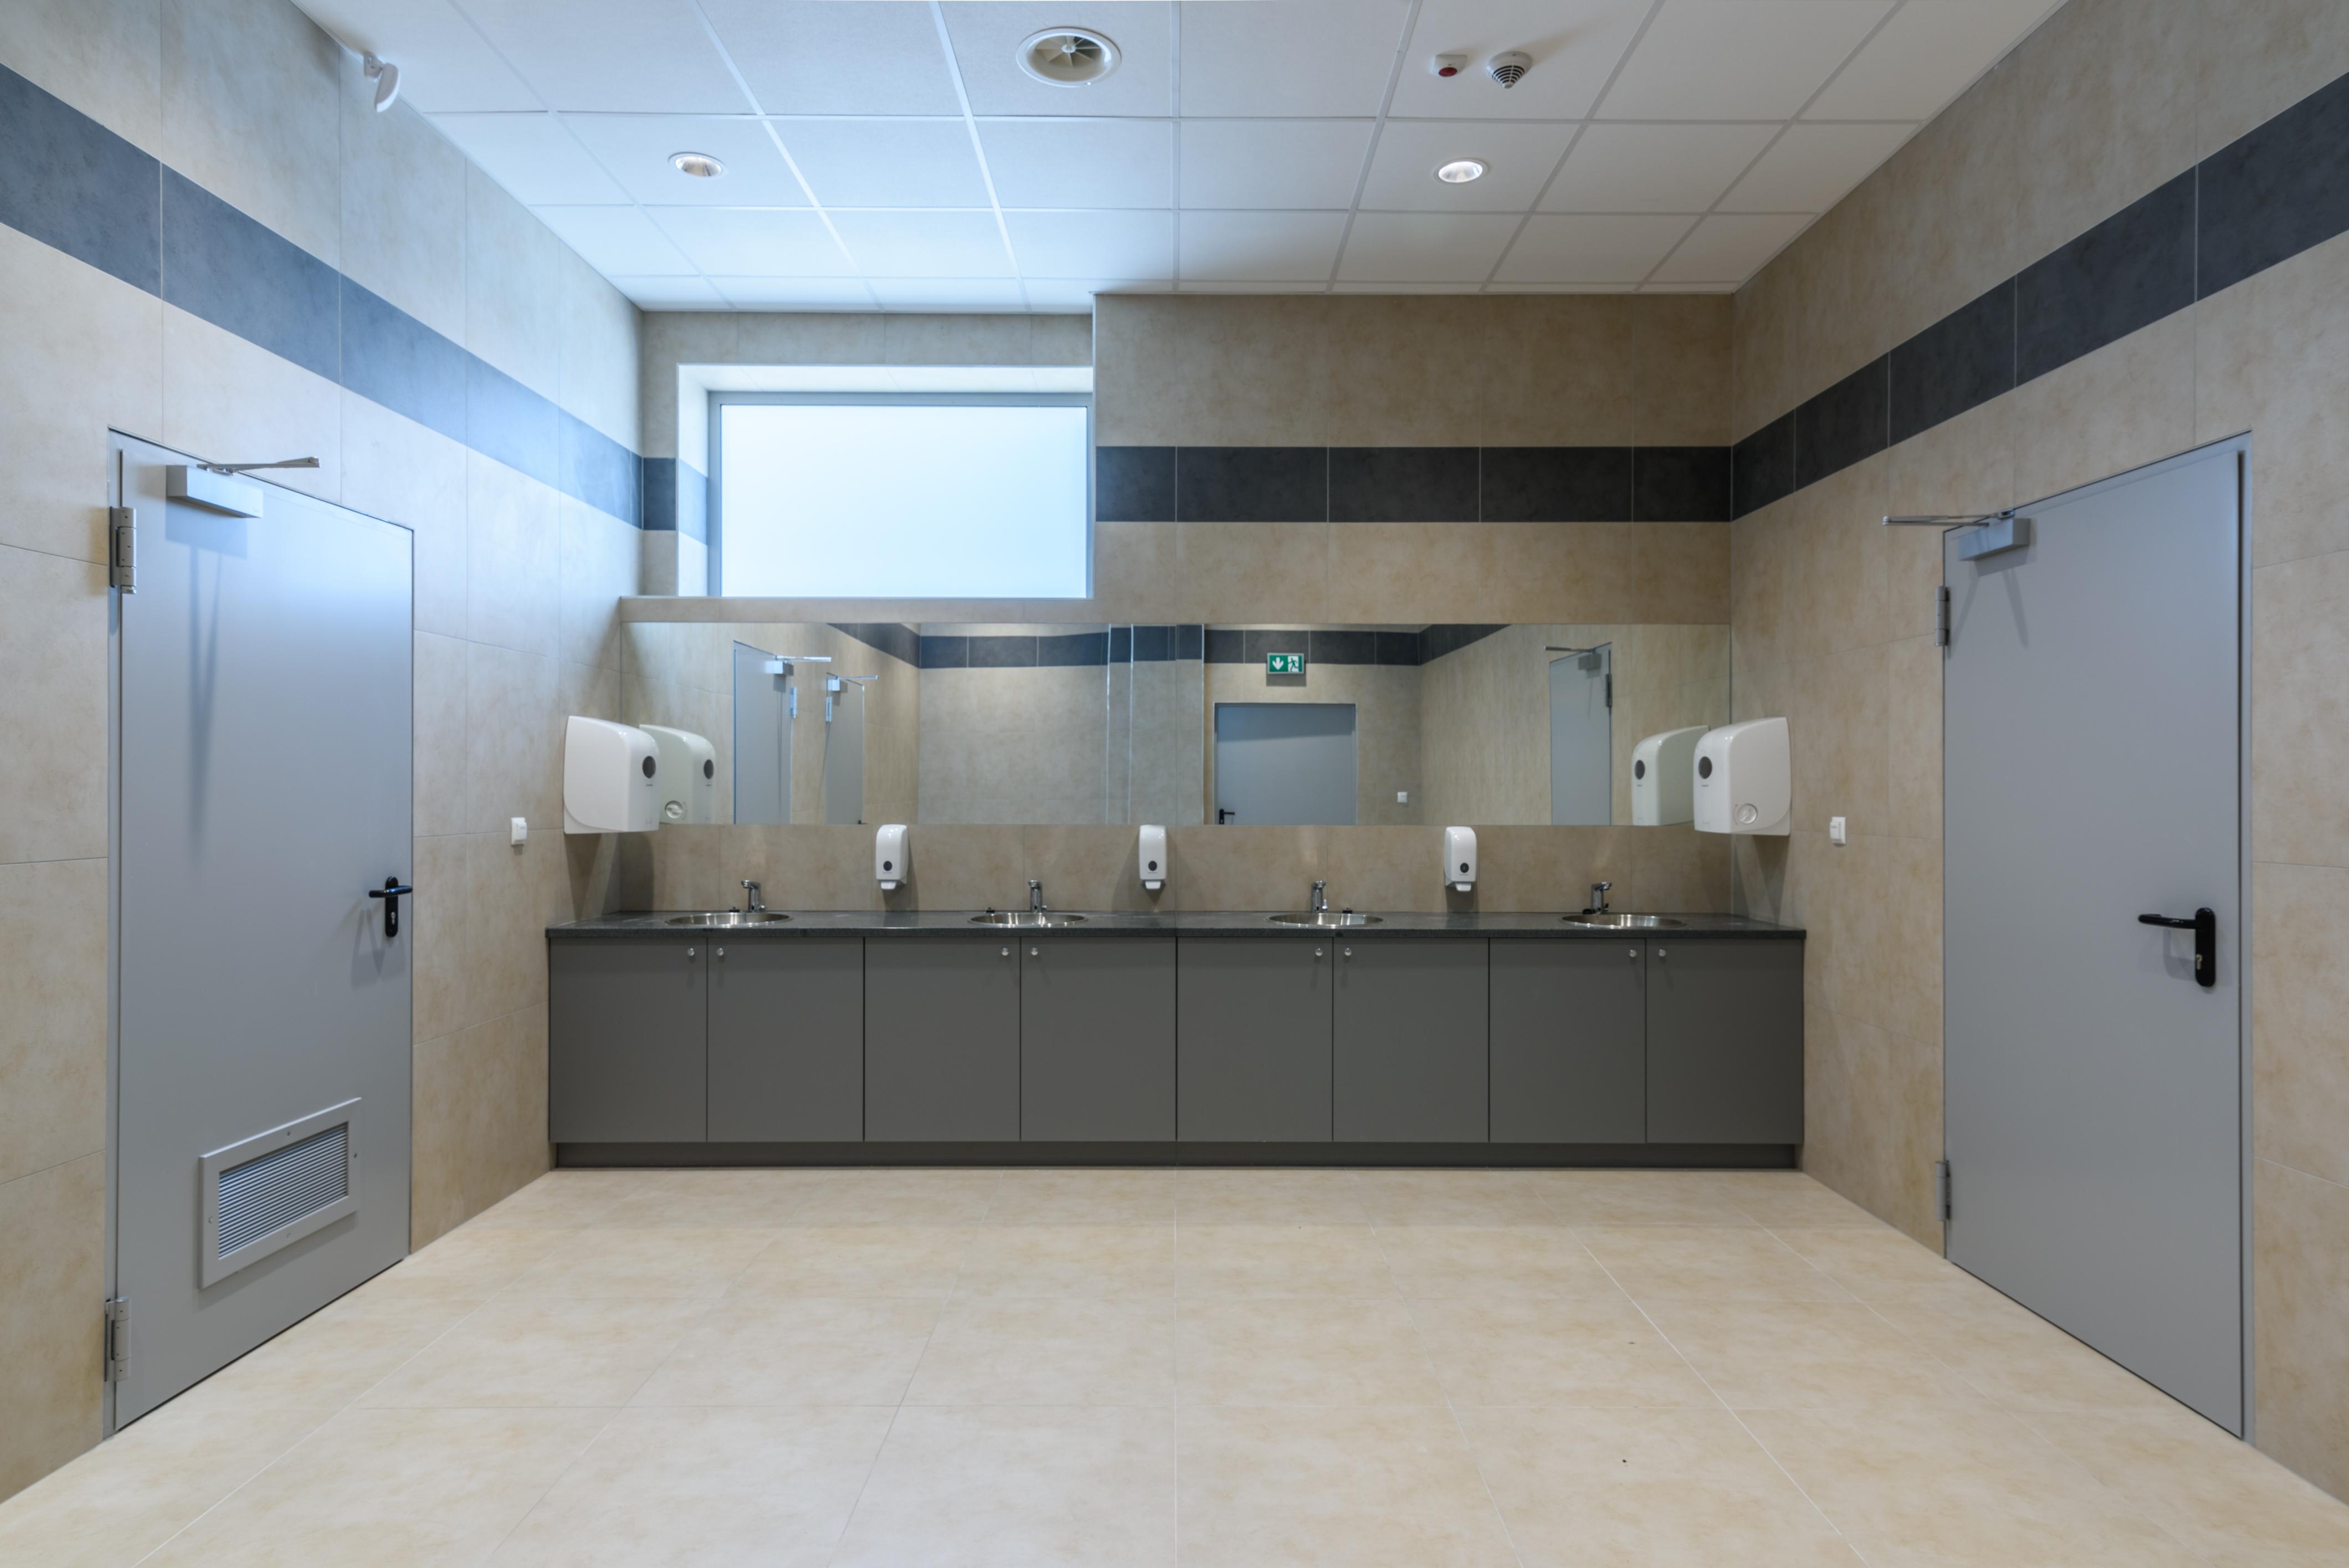 Budynek produkcyjny narzędzi elektrochirurgicznych dla branży medycznej oraz czujników elektronicznych dla przemysłu motoryzacyjnego wraz z częścią magazynową oraz administracyjną BOWA Łazienka WC